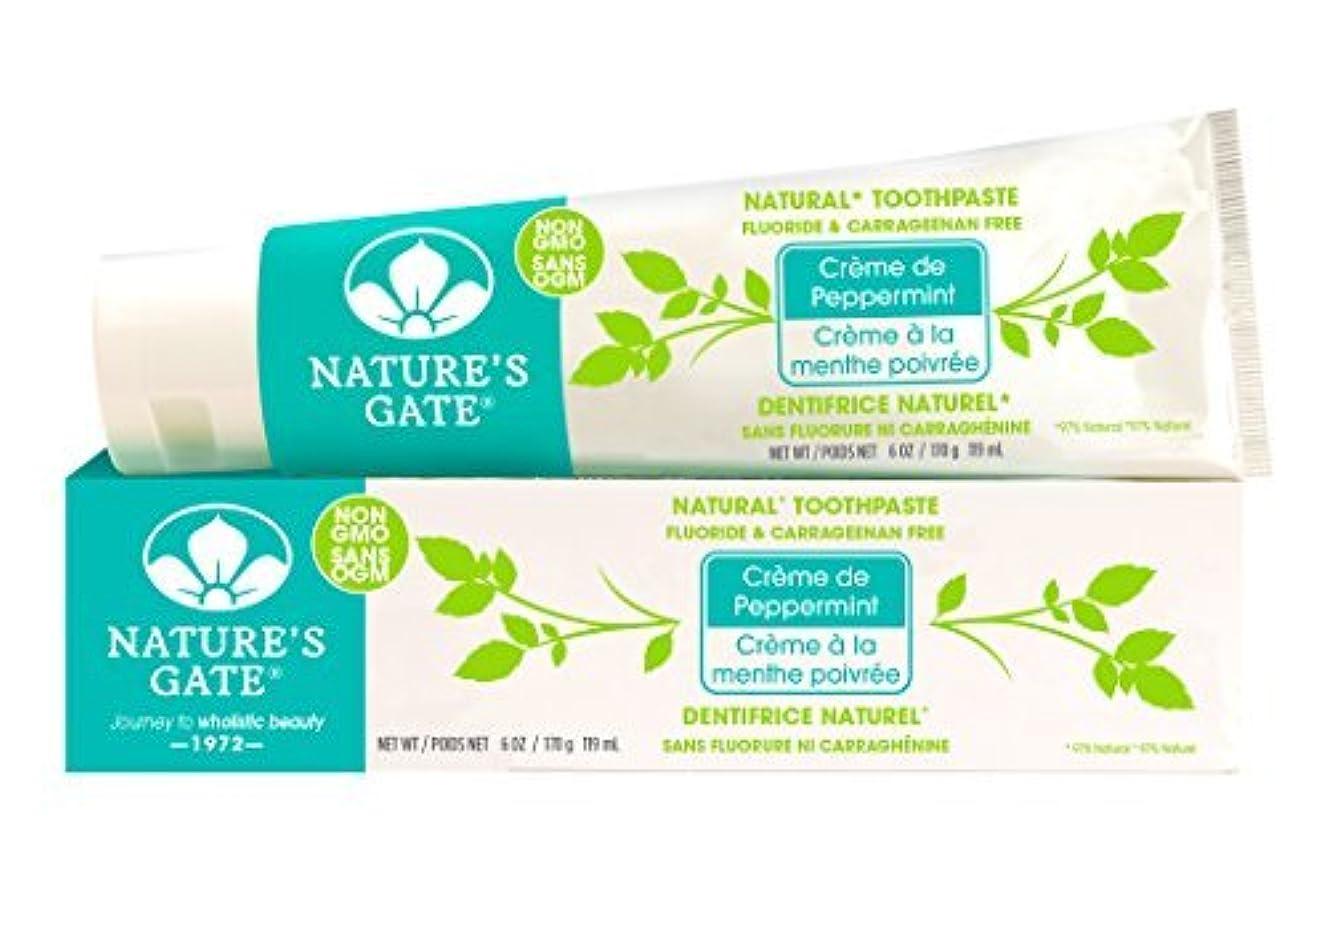 可動評判回路Nature's Gate Natural Toothpaste, Creme de Peppermint, 6-Ounce Tubes (Pack of 6) by Nature's Gate [並行輸入品]